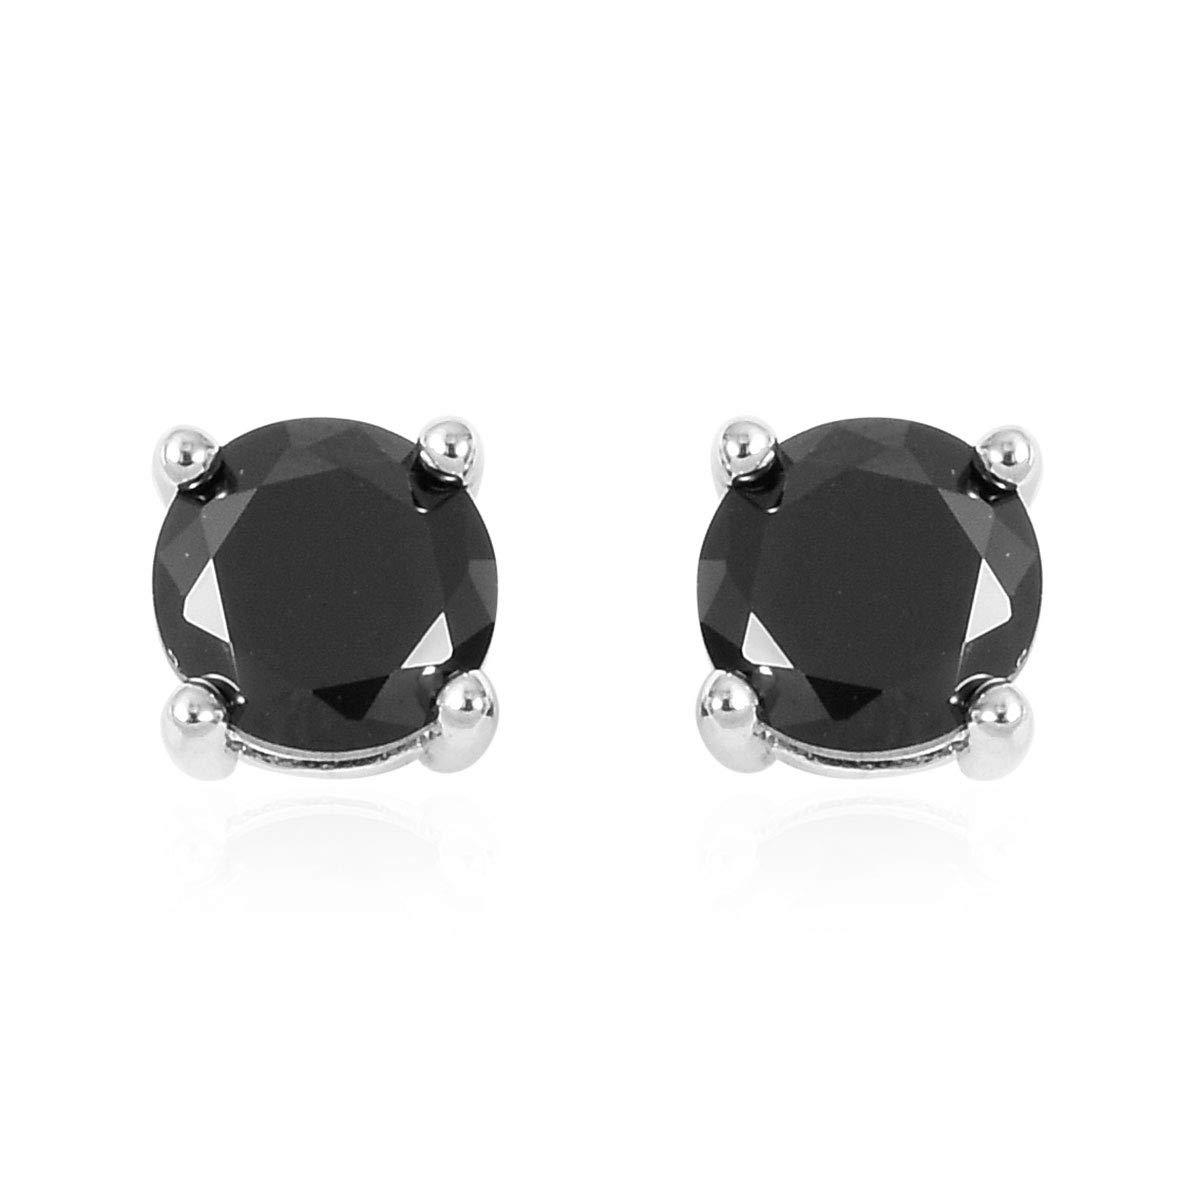 White Silvertone Round Cubic Zirconia CZ Earrings Bracelet Jewelry Set for Women 8 Cttw 12.7